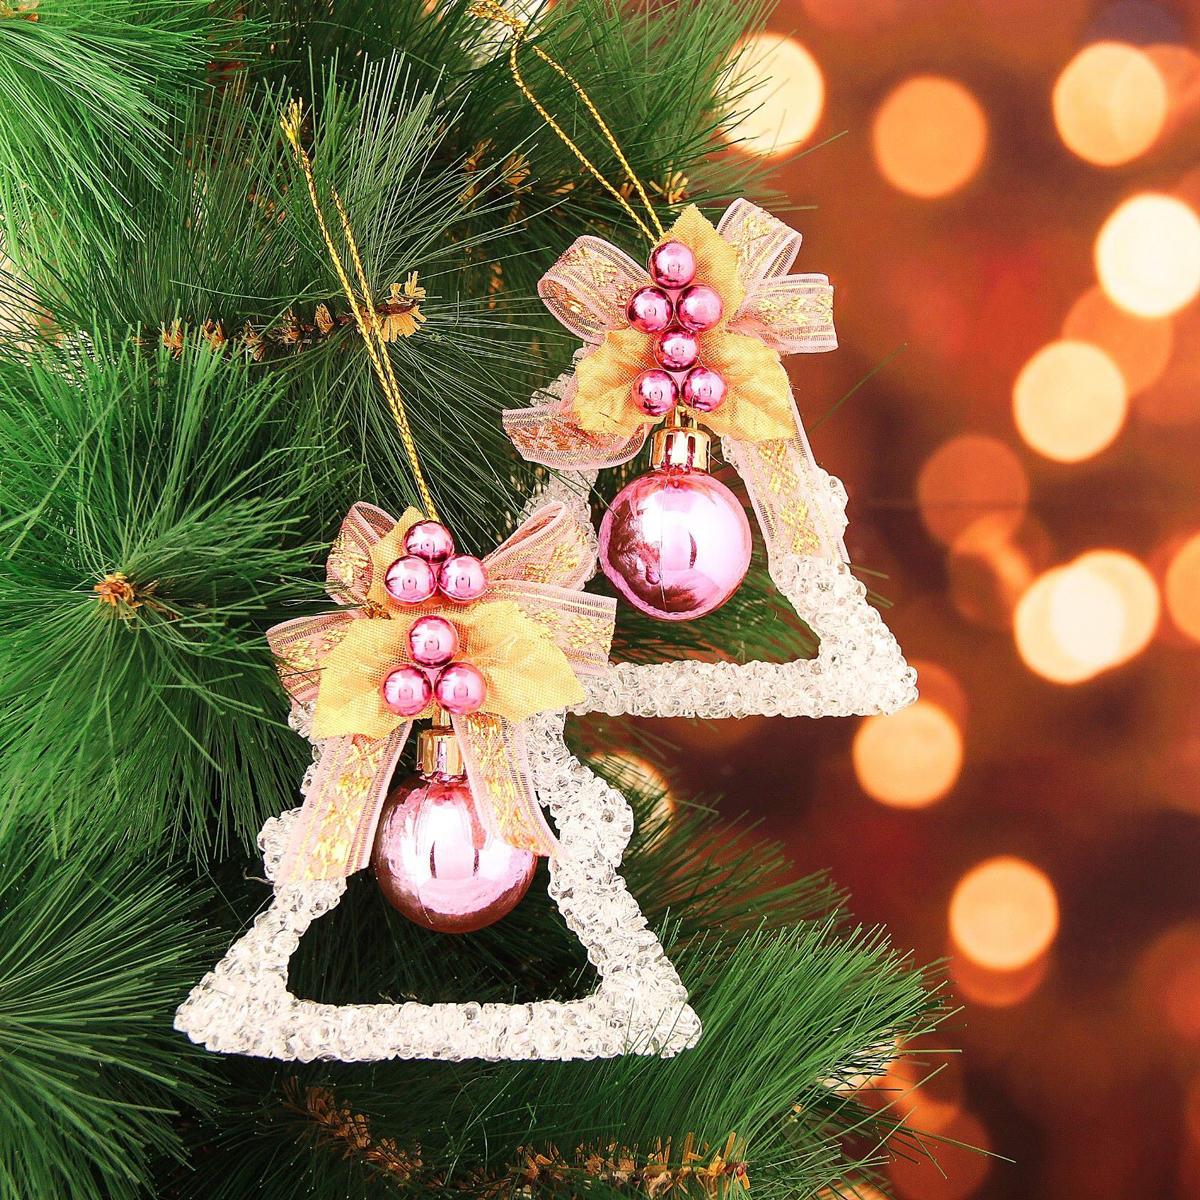 Набор новогодних подвесных украшений Елочка с шариком, 8 х 8 см, 2 шт2371317Набор новогодних подвесных украшений отлично подойдет для декорации вашего дома и новогодней ели. С помощью специальной петельки украшение можно повесить в любом понравившемся вам месте. Но, конечно, удачнее всего оно будет смотреться на праздничной елке.Елочная игрушка - символ Нового года. Она несет в себе волшебство и красоту праздника. Такое украшение создаст в вашем доме атмосферу праздника, веселья и радости.